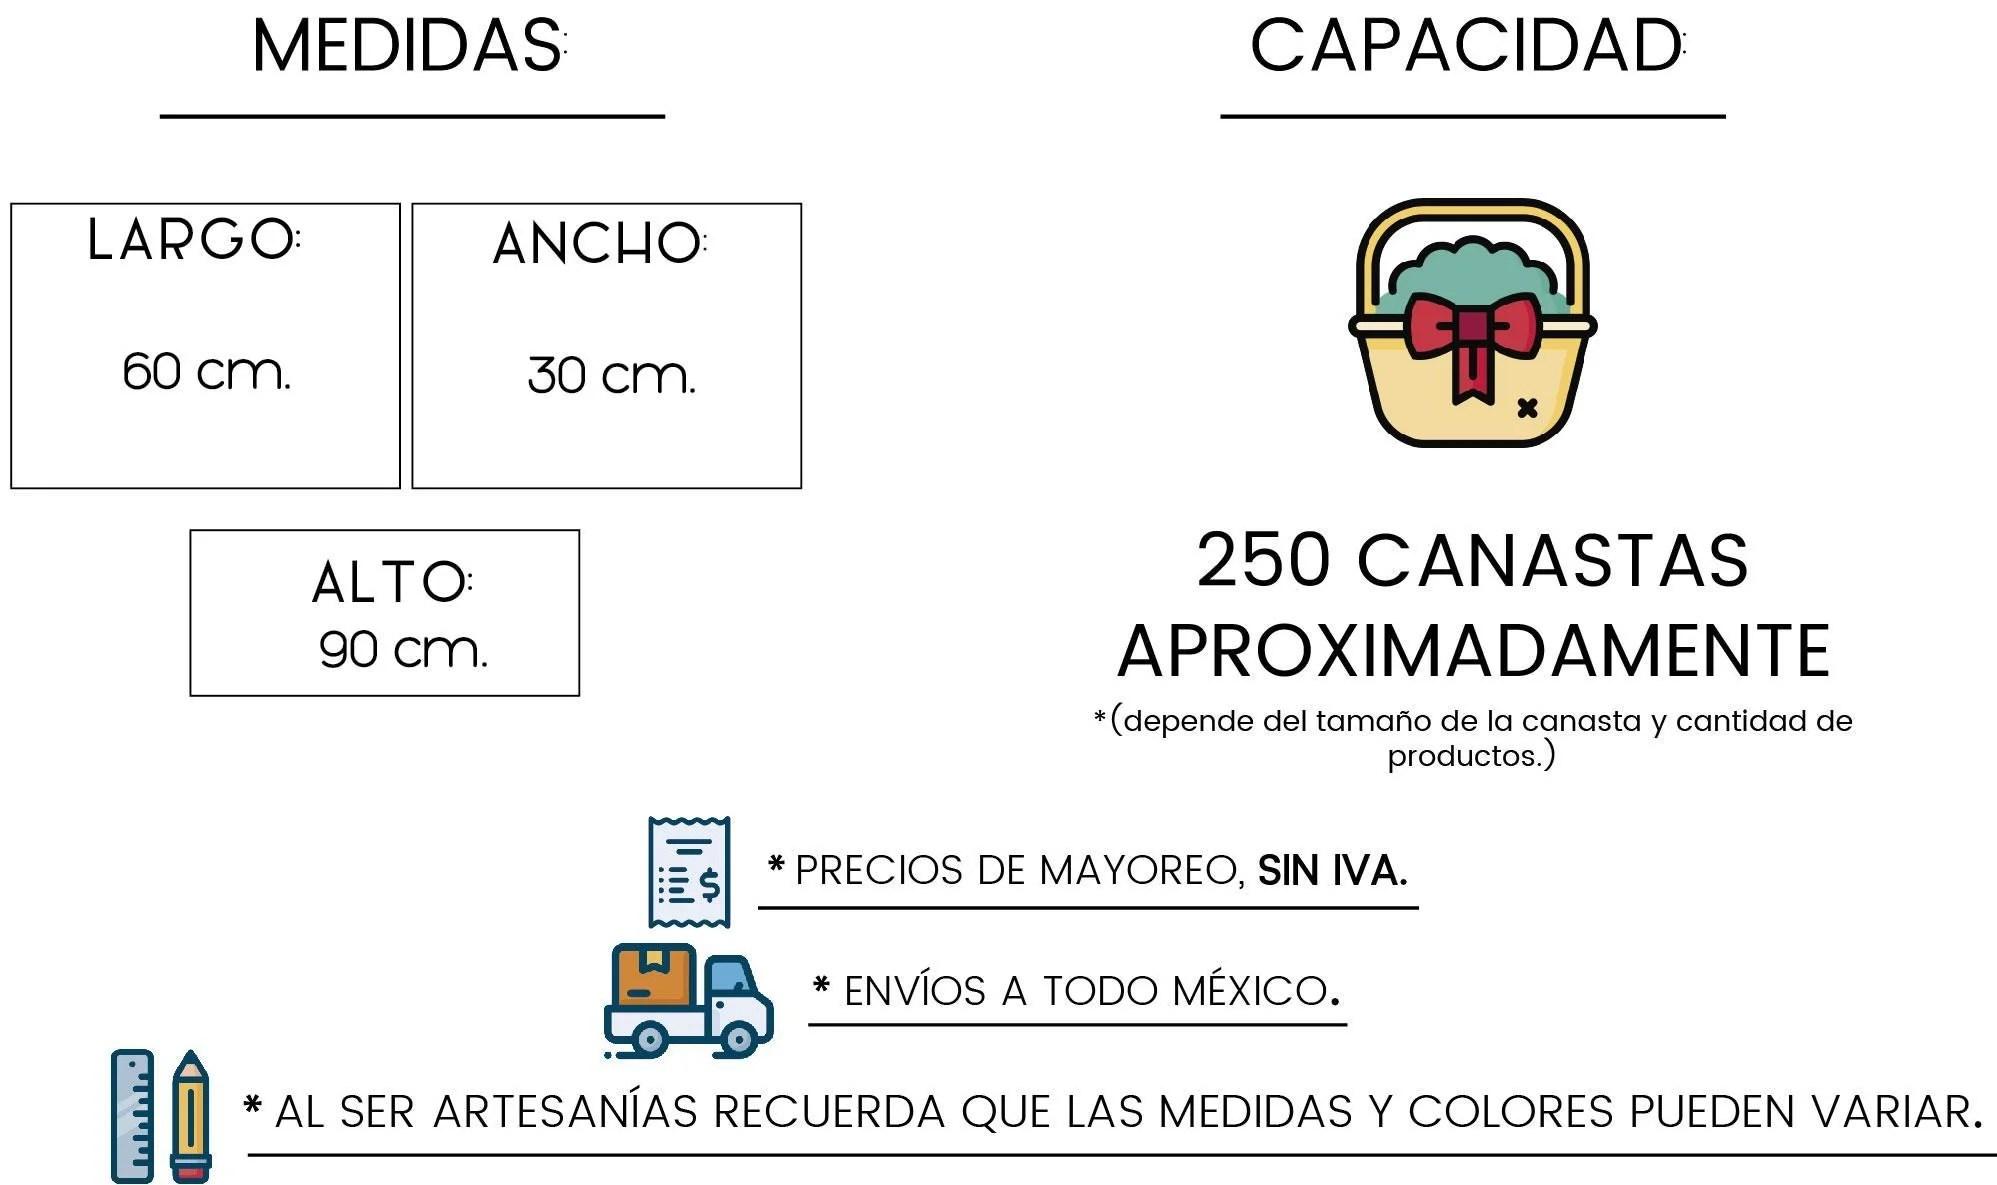 Medidas Paca de Viruta by Tienda de Canastas